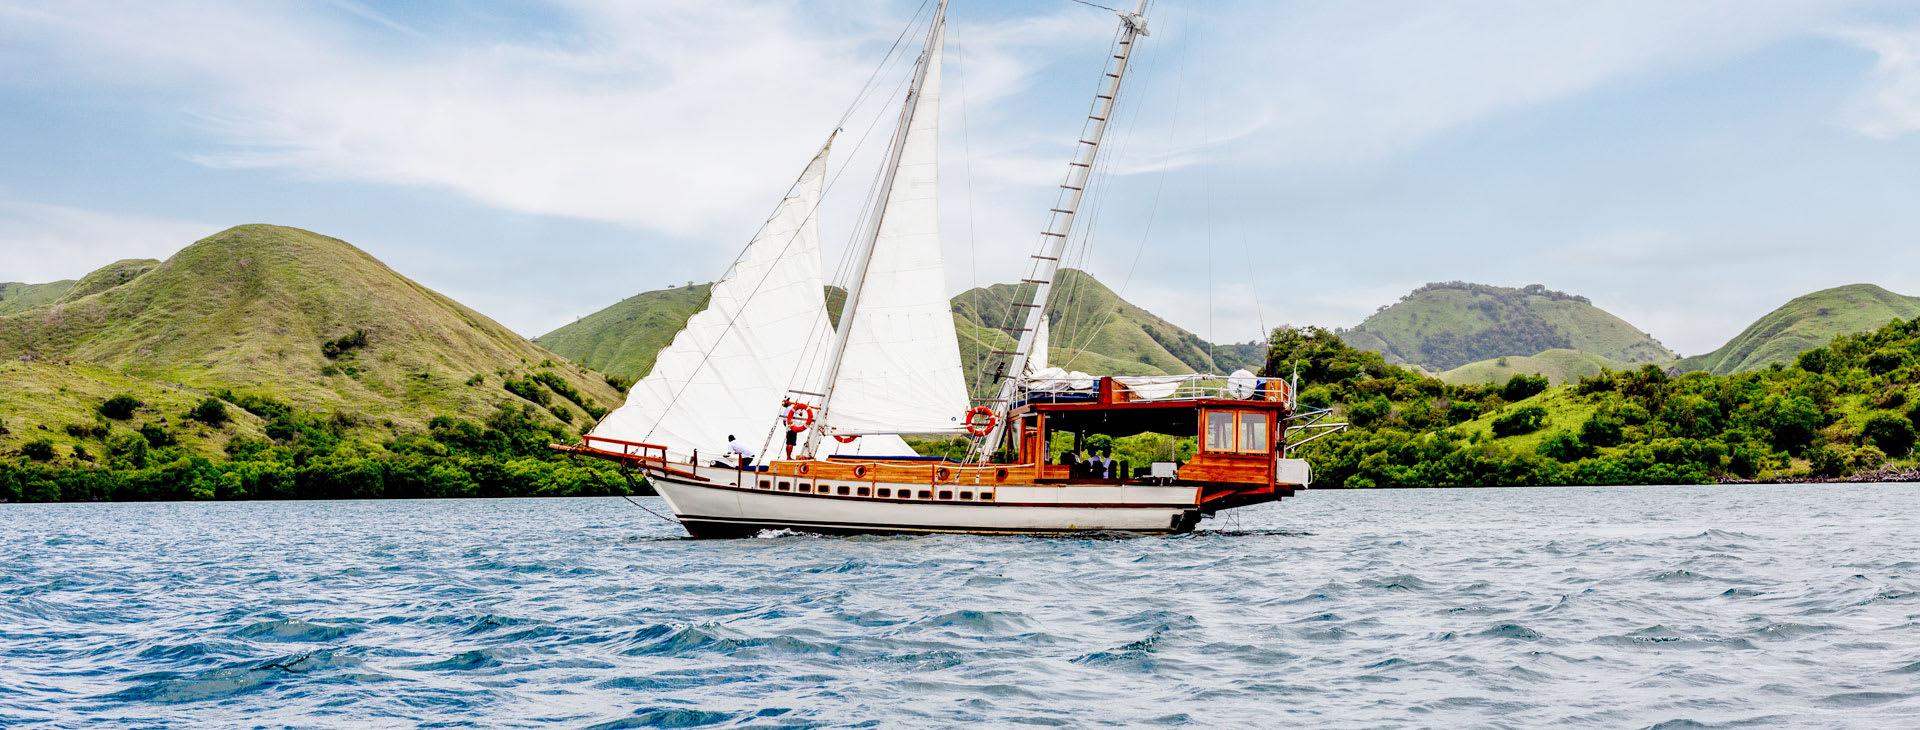 Small sailing boat at sea